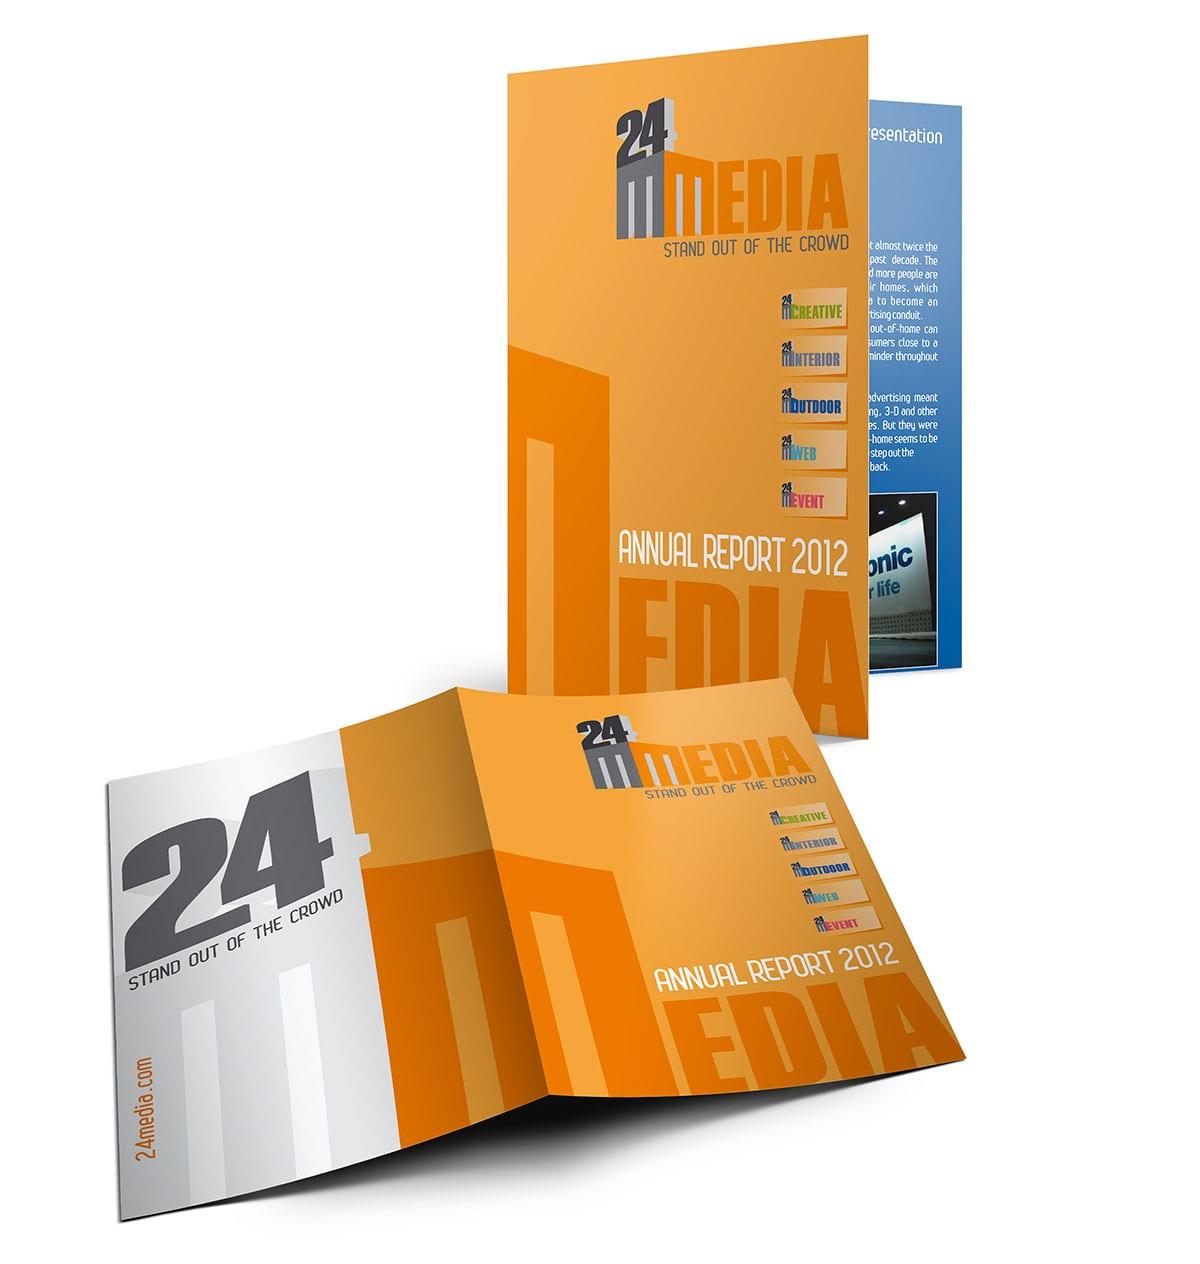 Raport anual companie este o prezentare grafică a evoluției rezultatelor financiare, a cifrei de afaceri, a profitului, a angajaților, o analiză a datelor înregistrate în anul anterior.